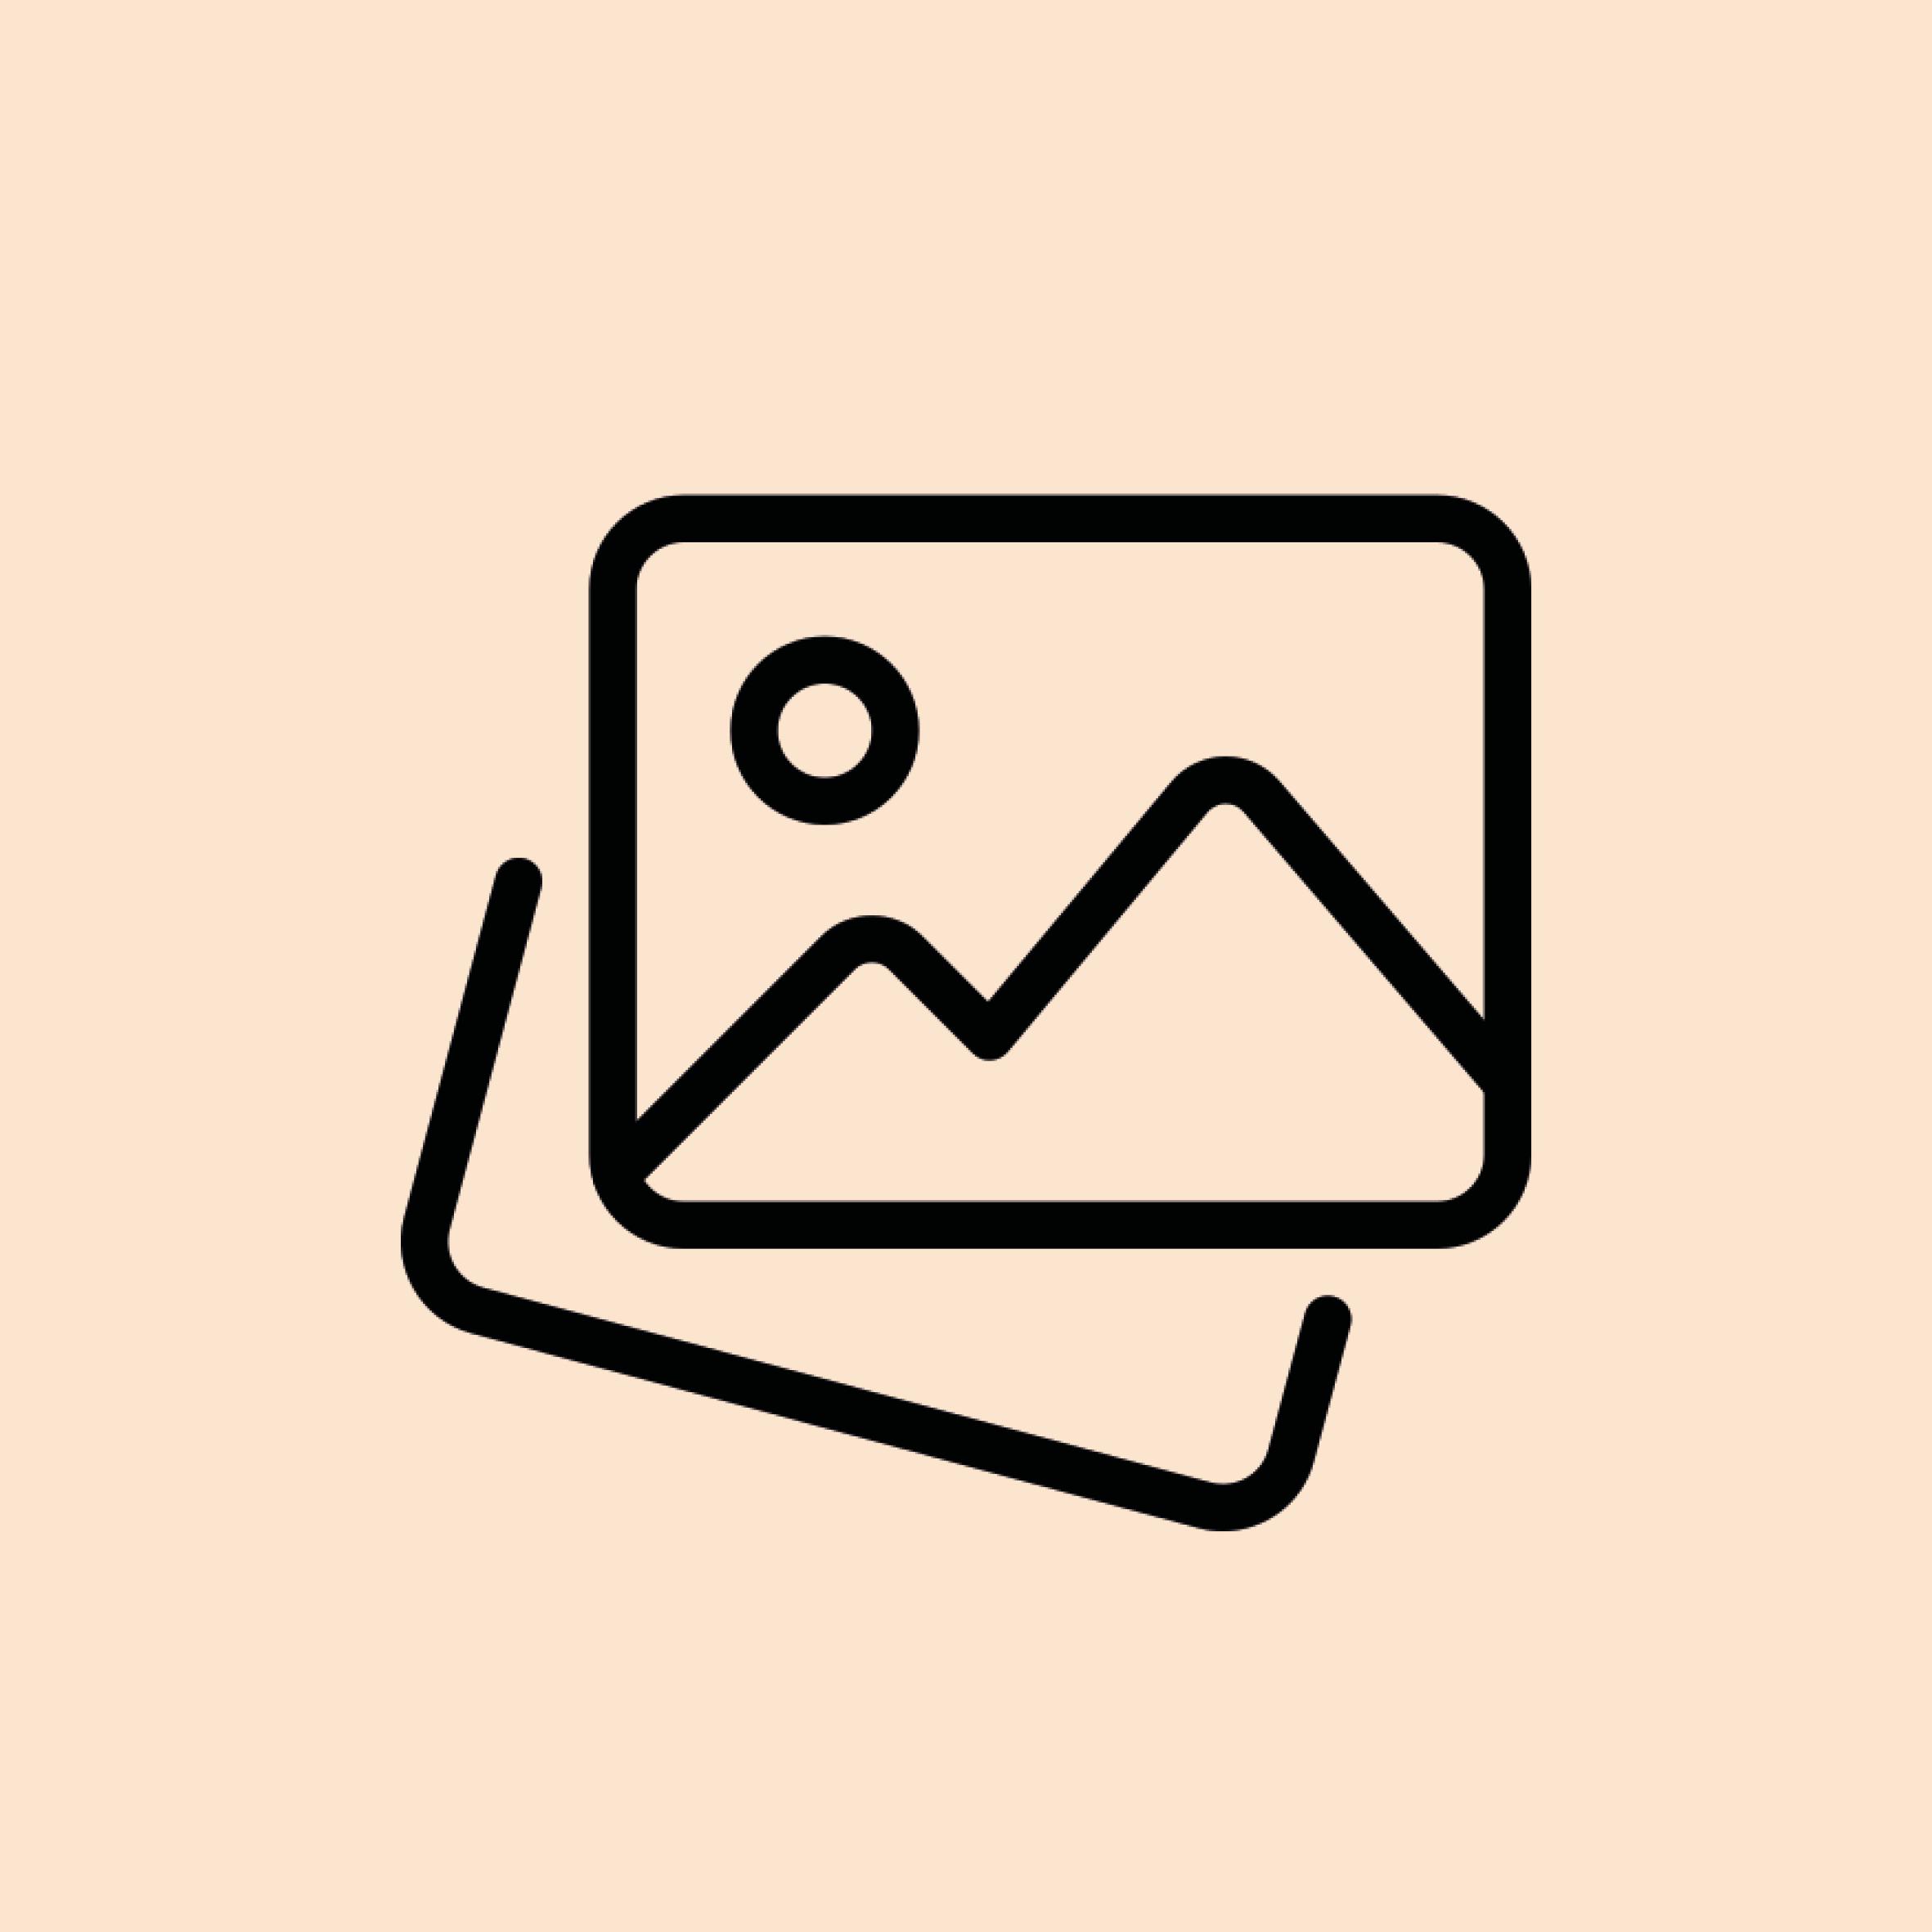 visuelle-kommunikation Piktogramm